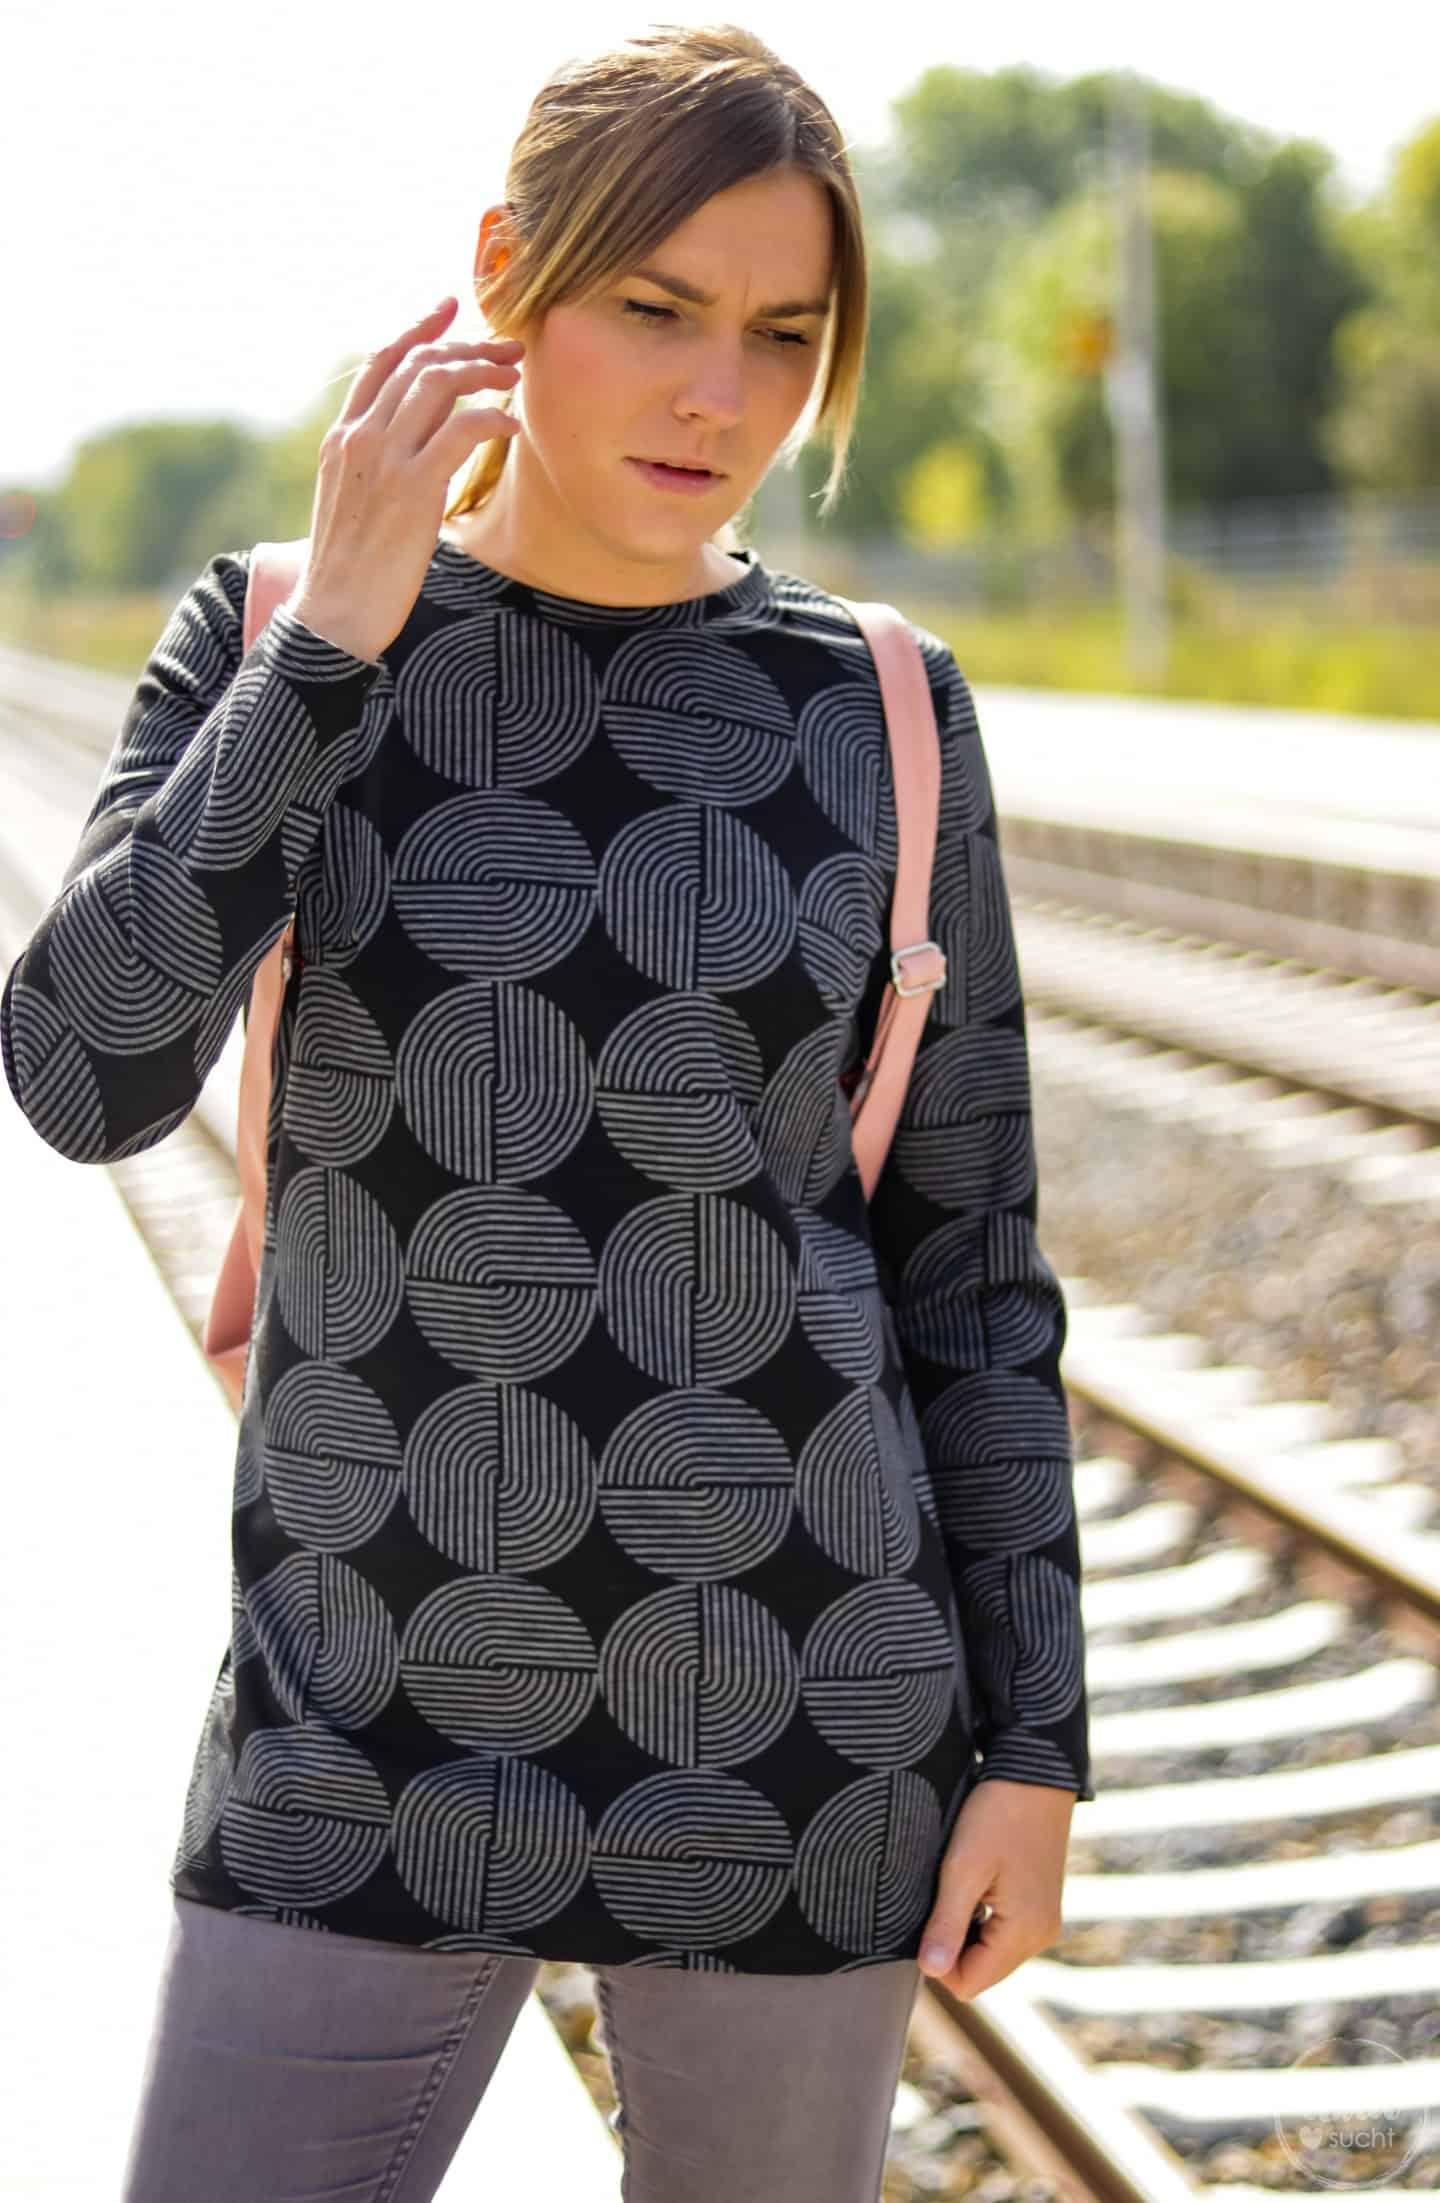 Designnähen Milliblus: Schnittmuster Longshirt Anna | textilsucht.de